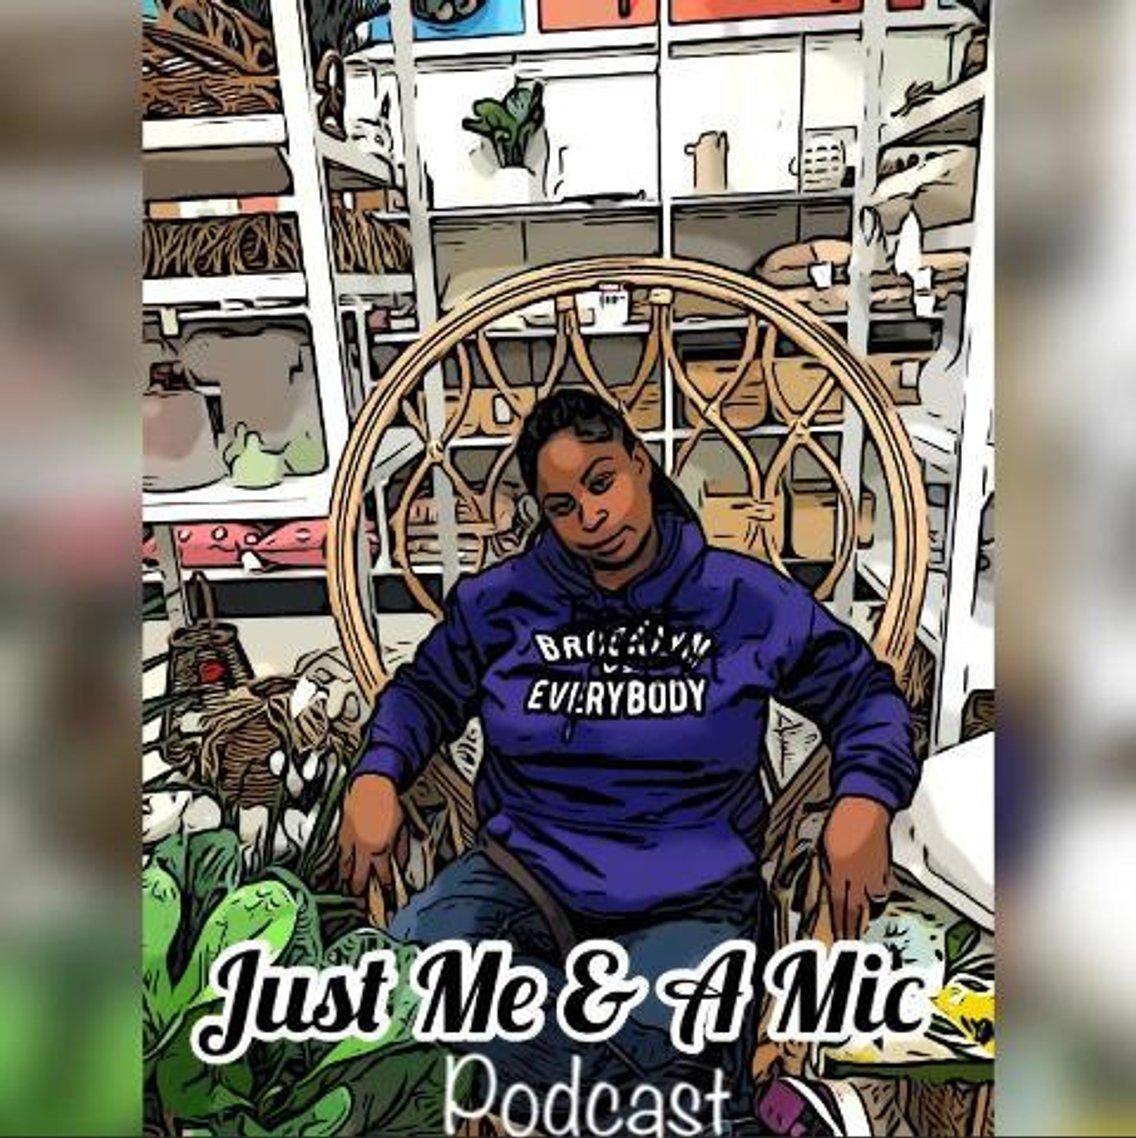 Just Me And A Mic - immagine di copertina